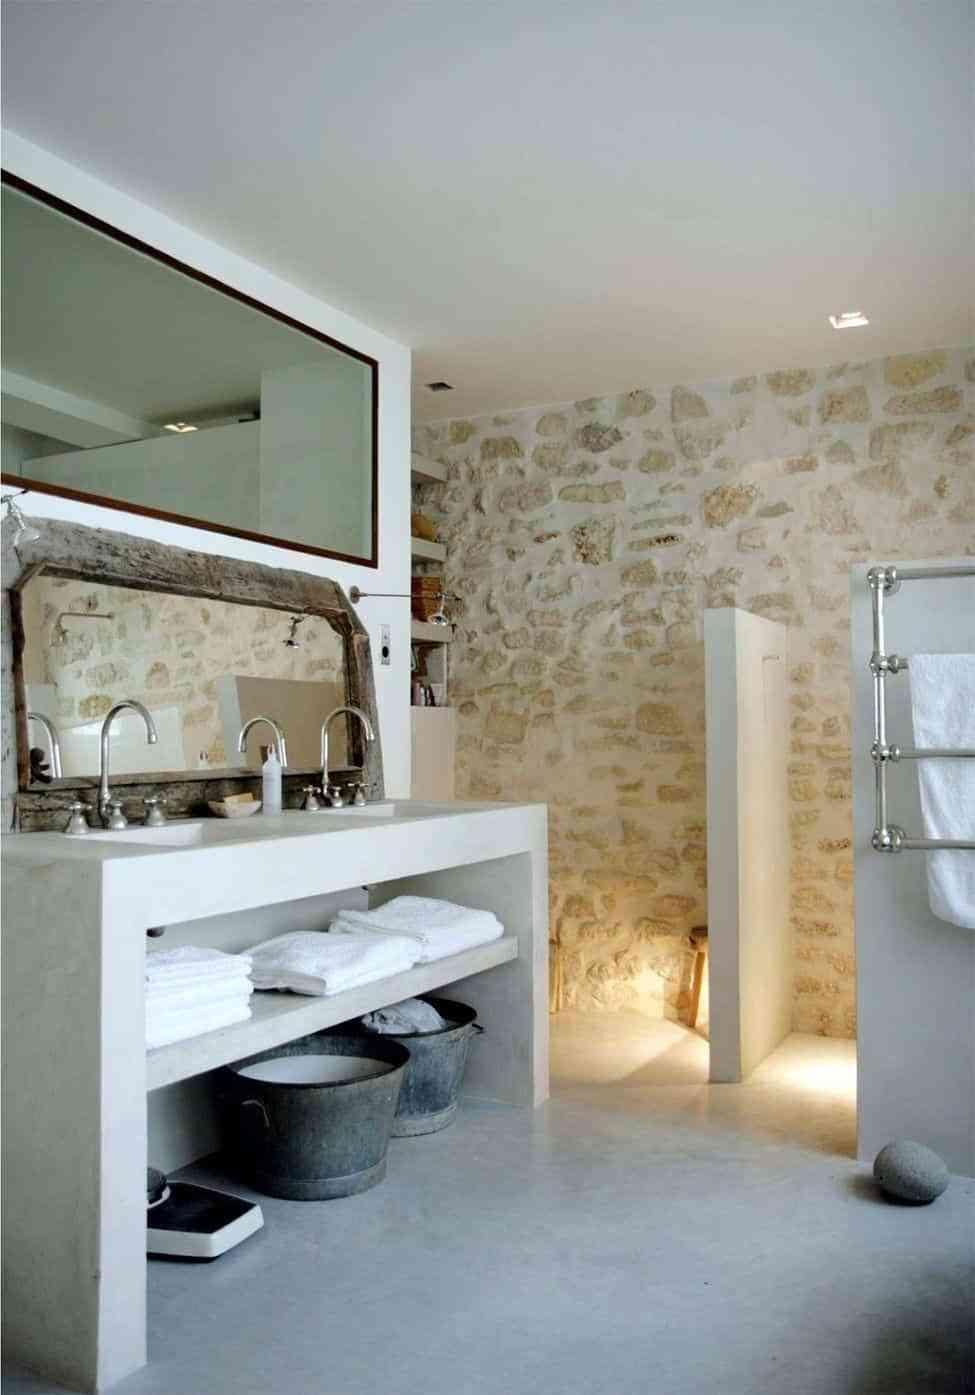 baños rústicos - microcemento